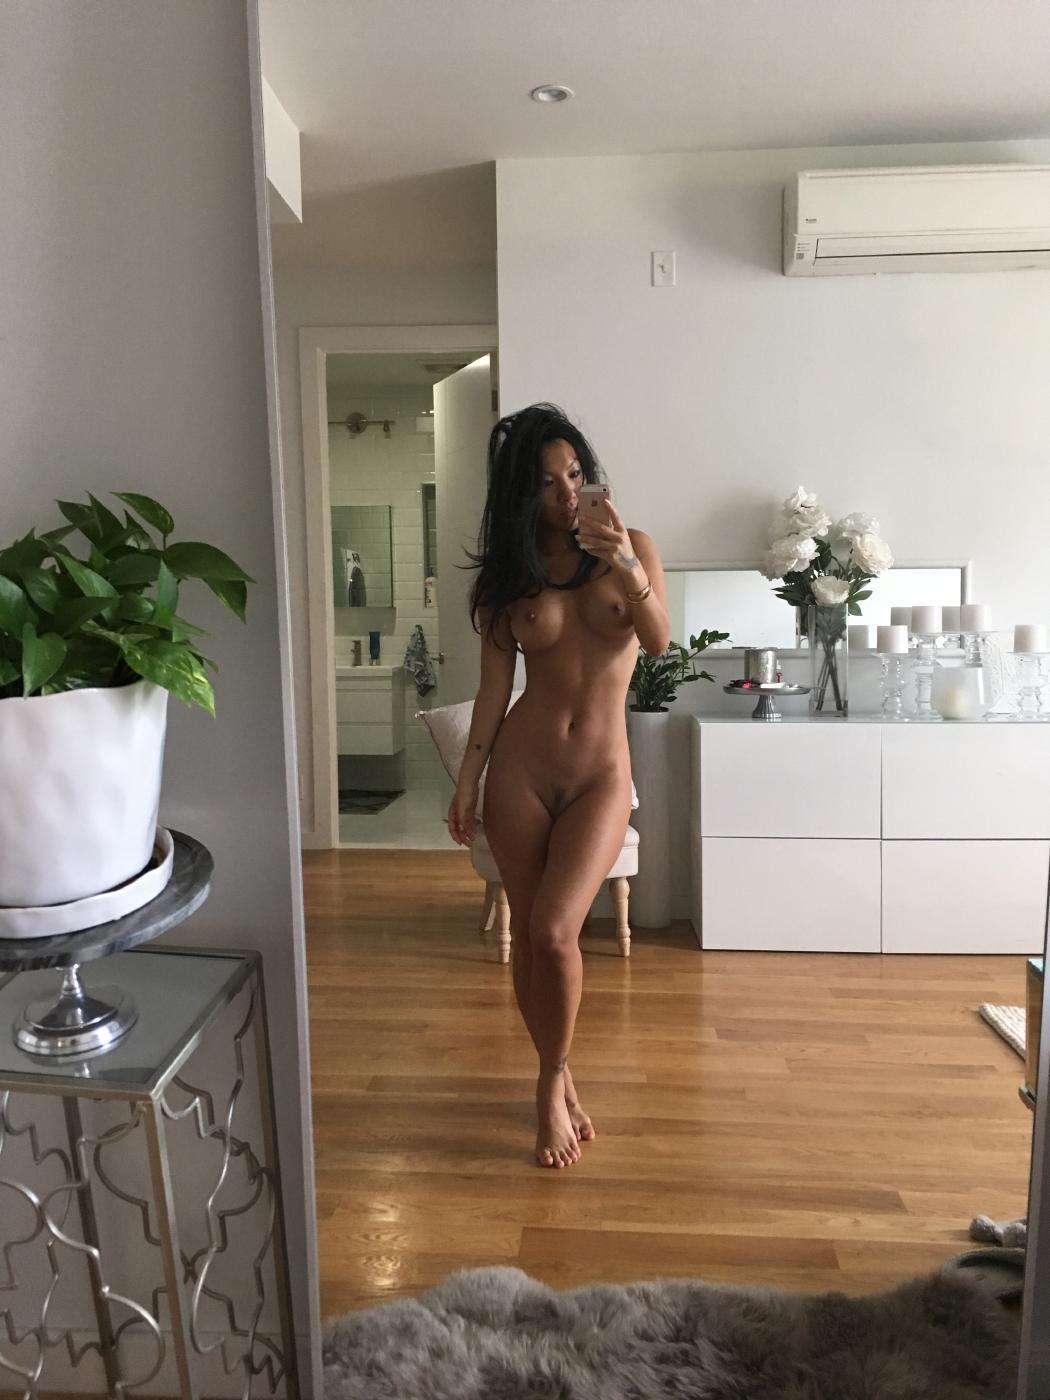 Asa Akira Nude Mirror Selfie Onlyfans Set Leaked Jalwwd